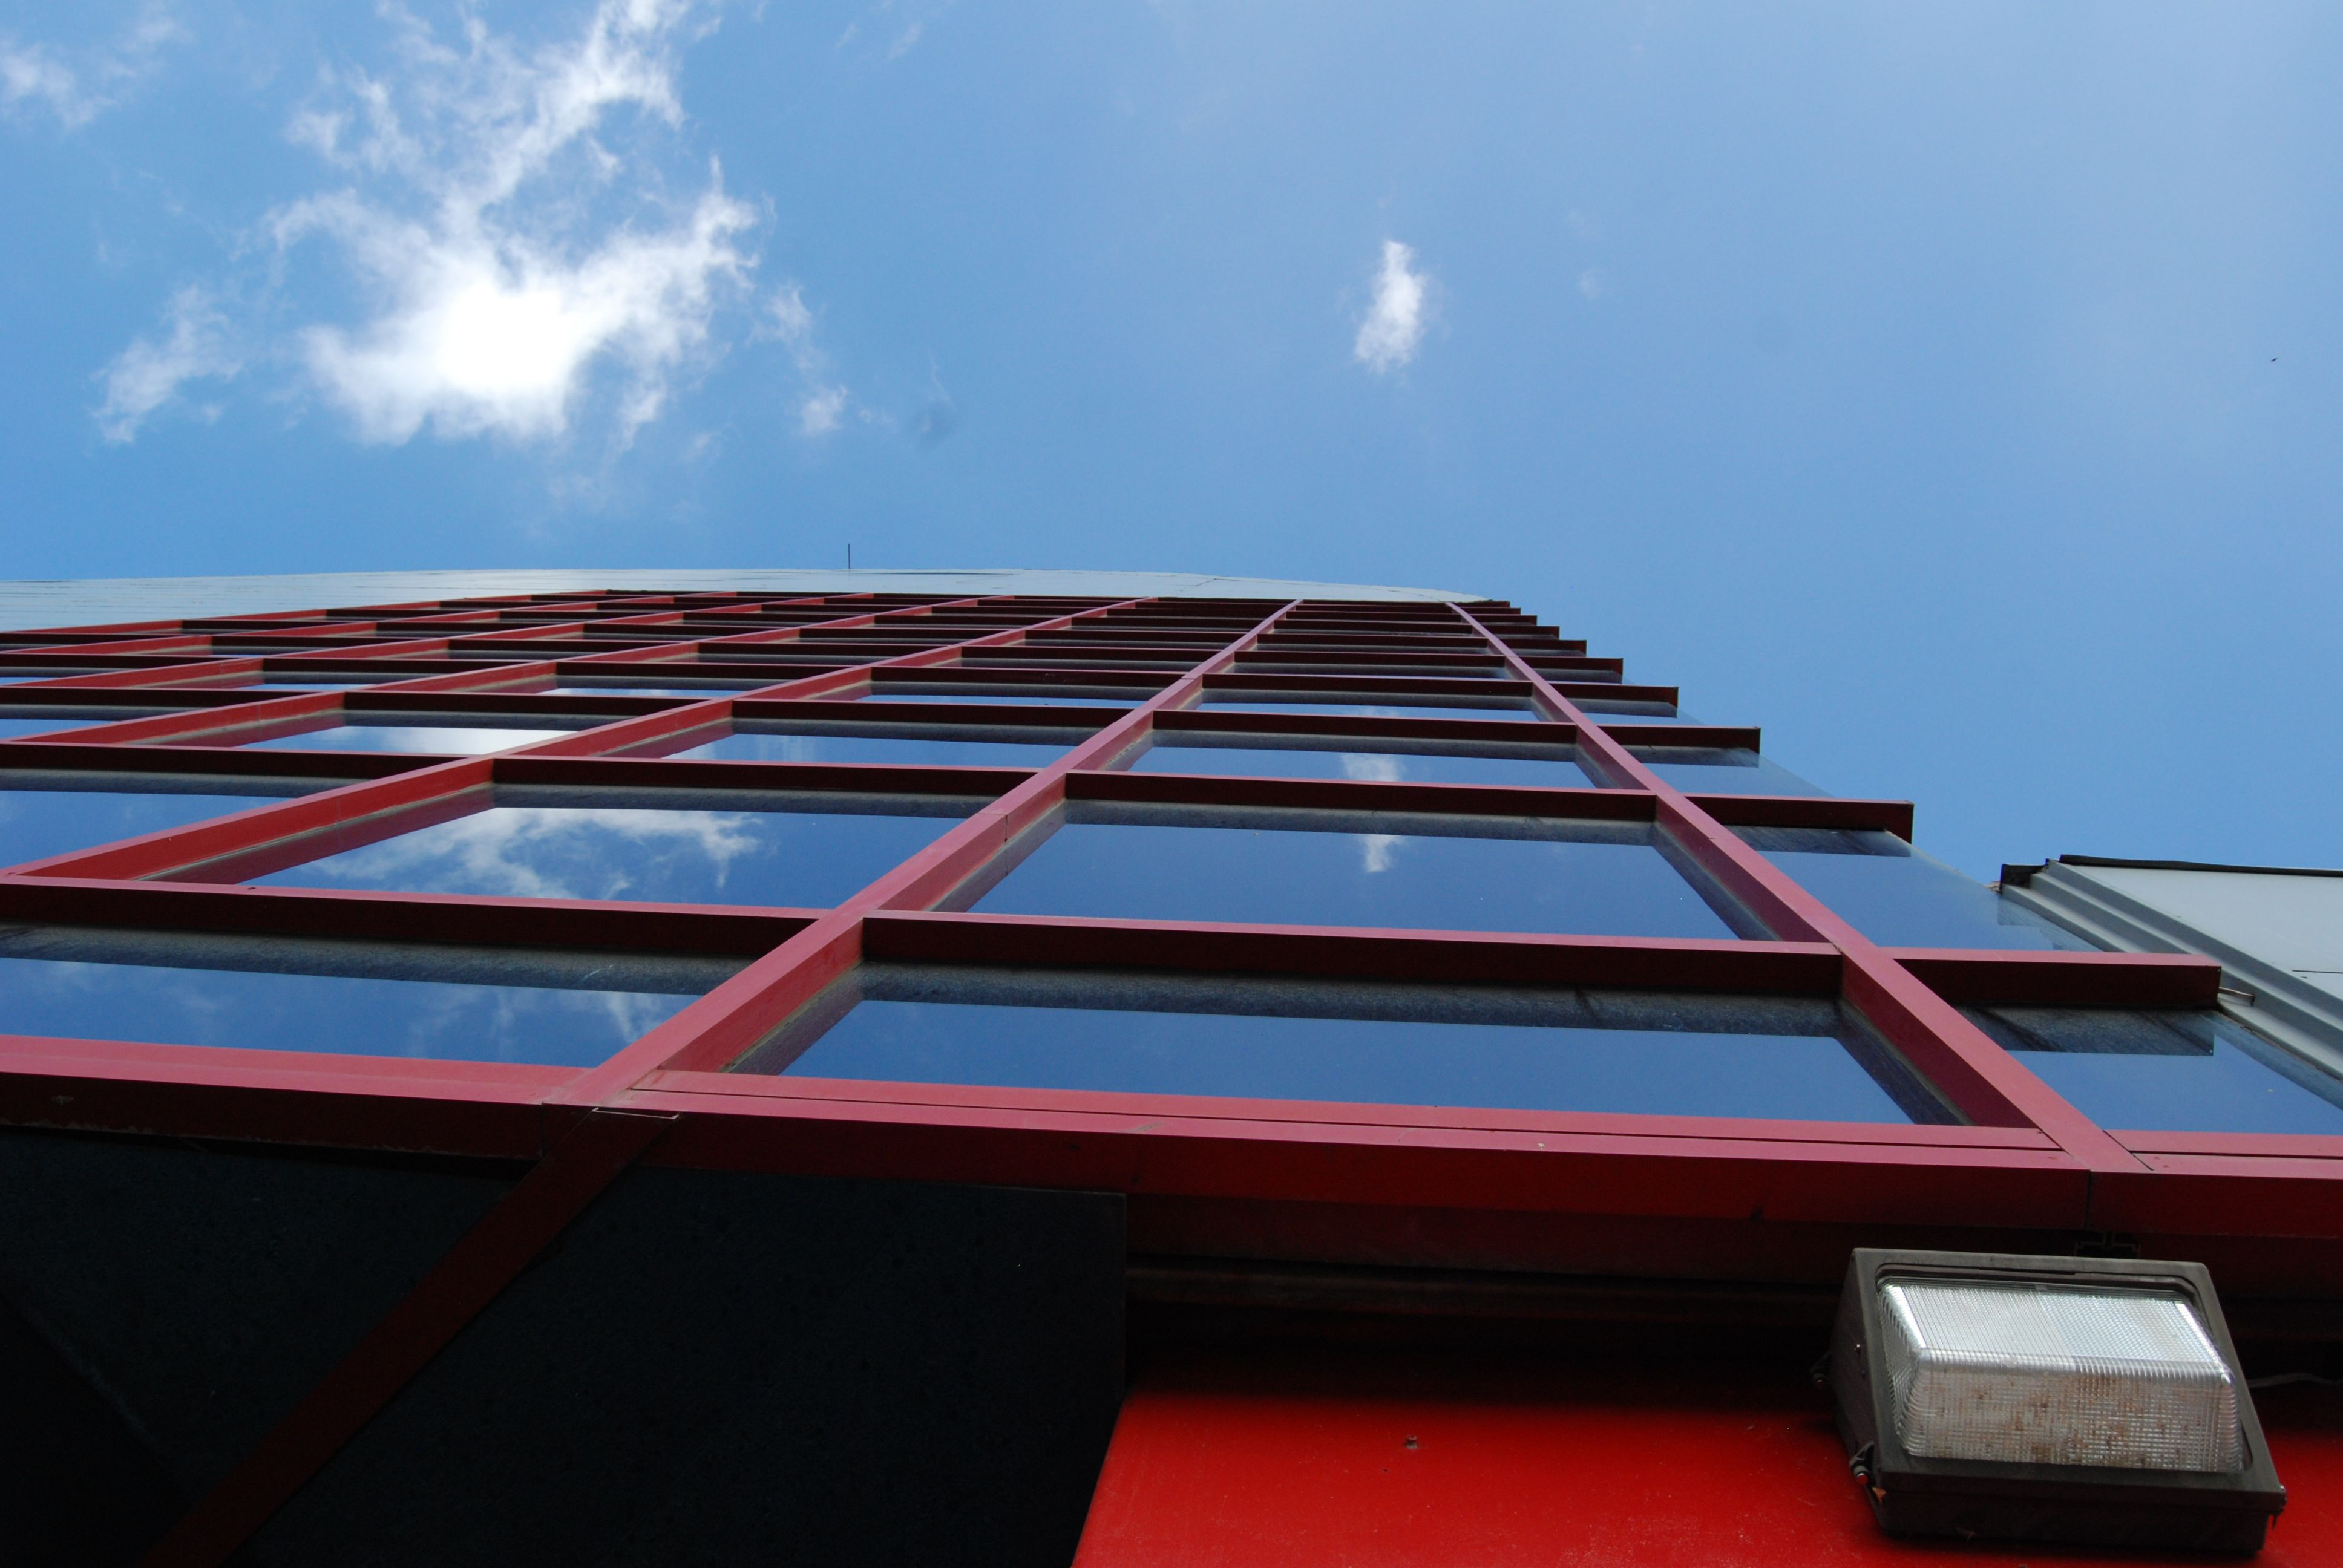 #building #red #nadir #sky #clouds